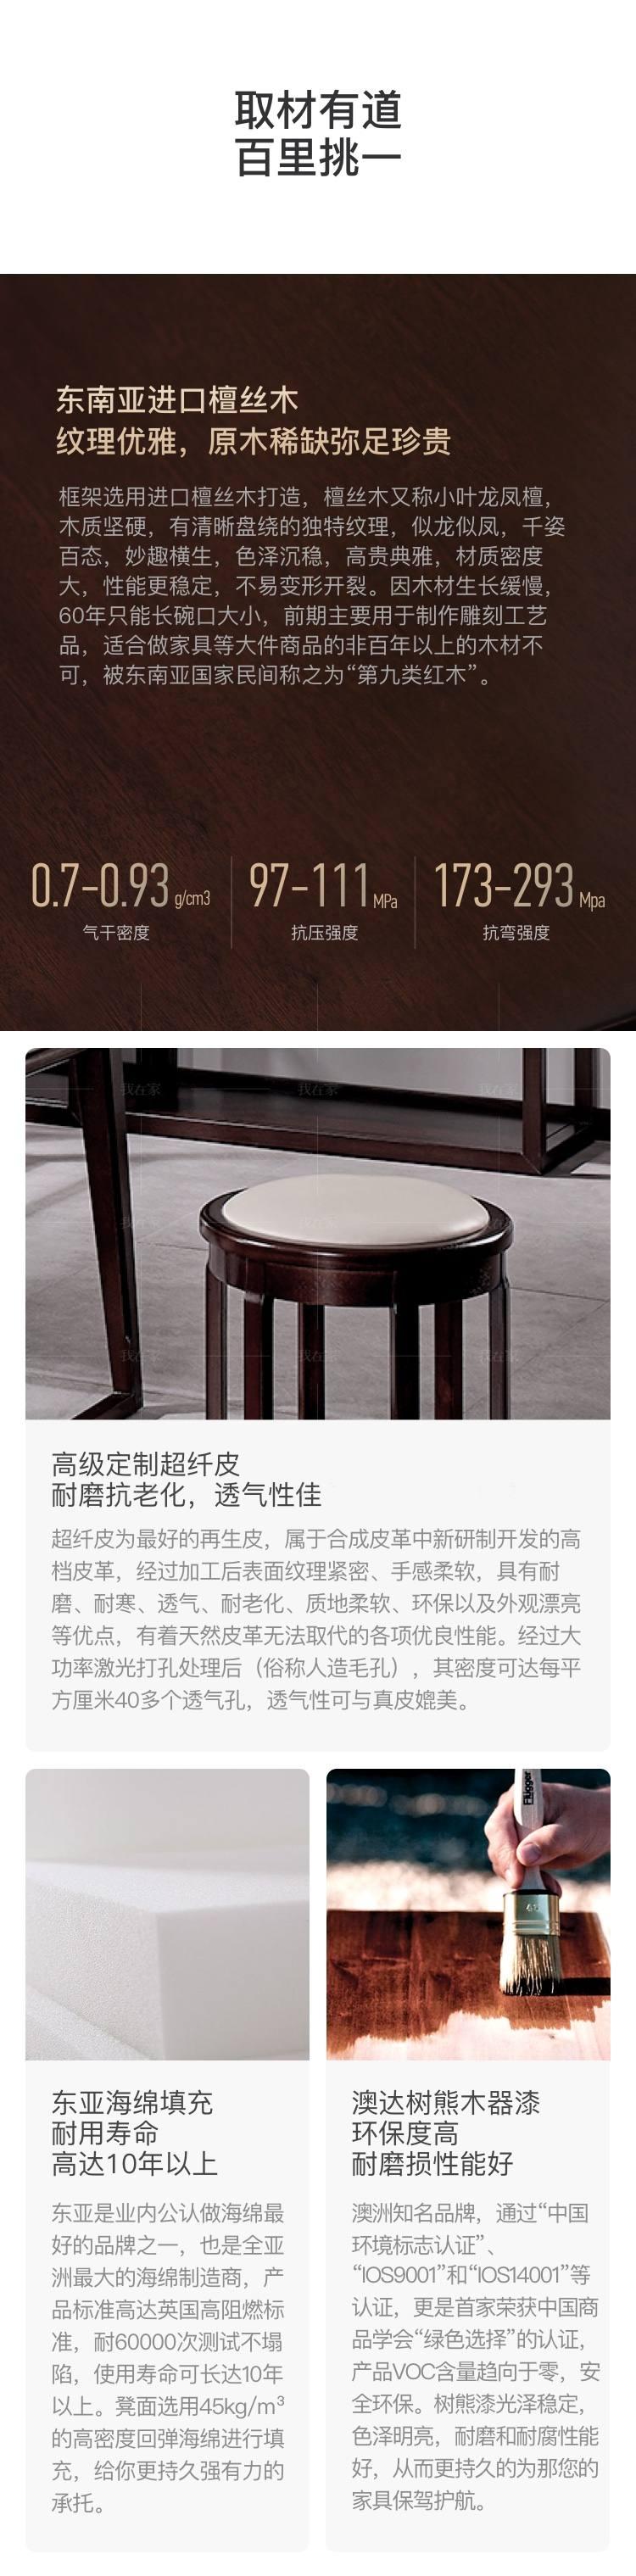 新中式风格似锦茶凳的家具详细介绍